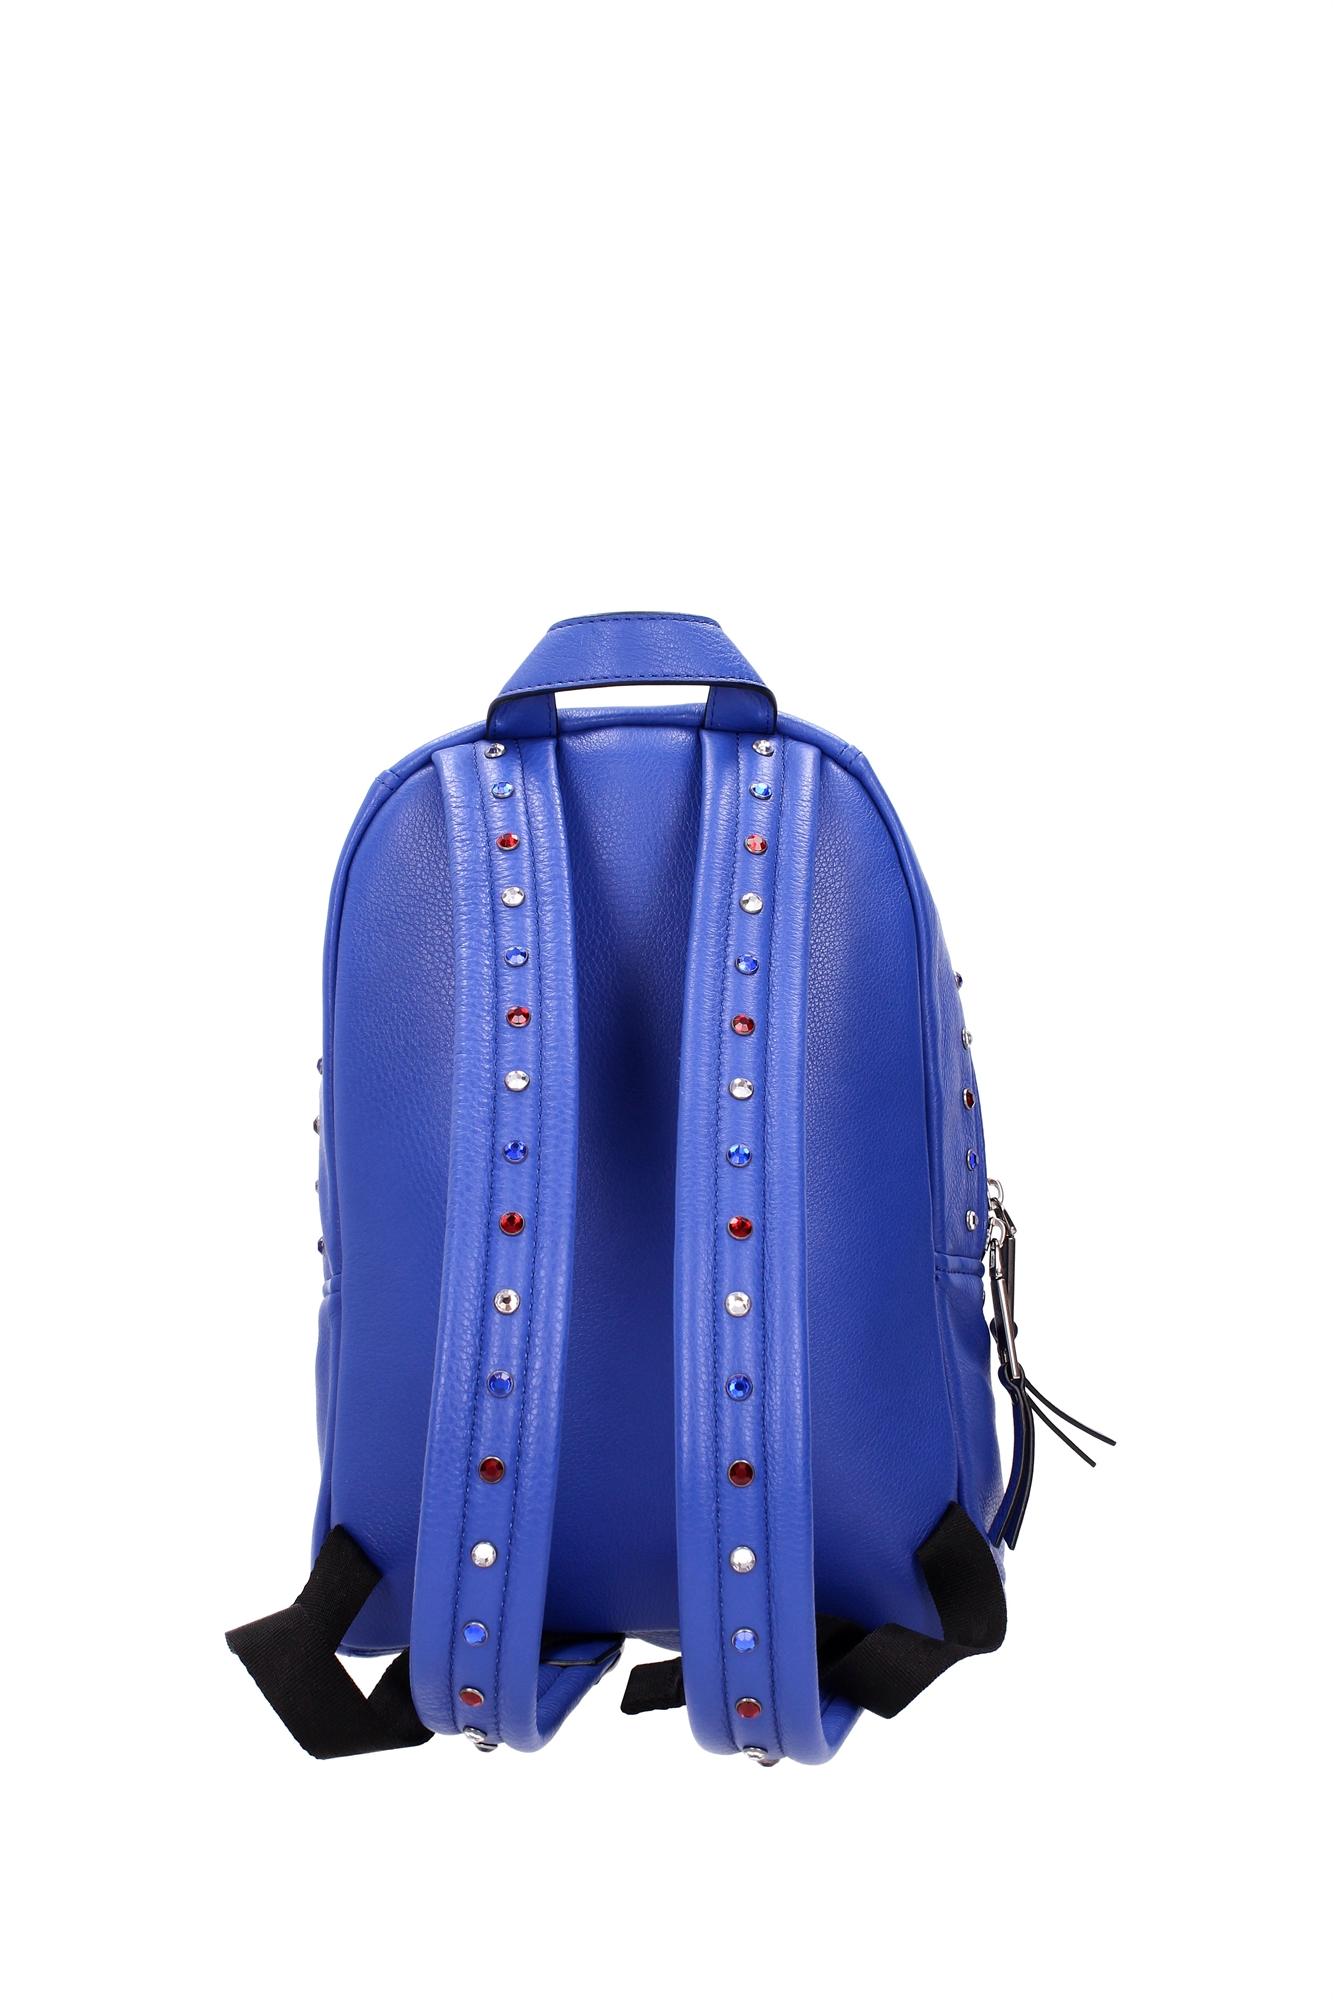 tasche rucksack marc jacobs damen leder blau m0008507434. Black Bedroom Furniture Sets. Home Design Ideas